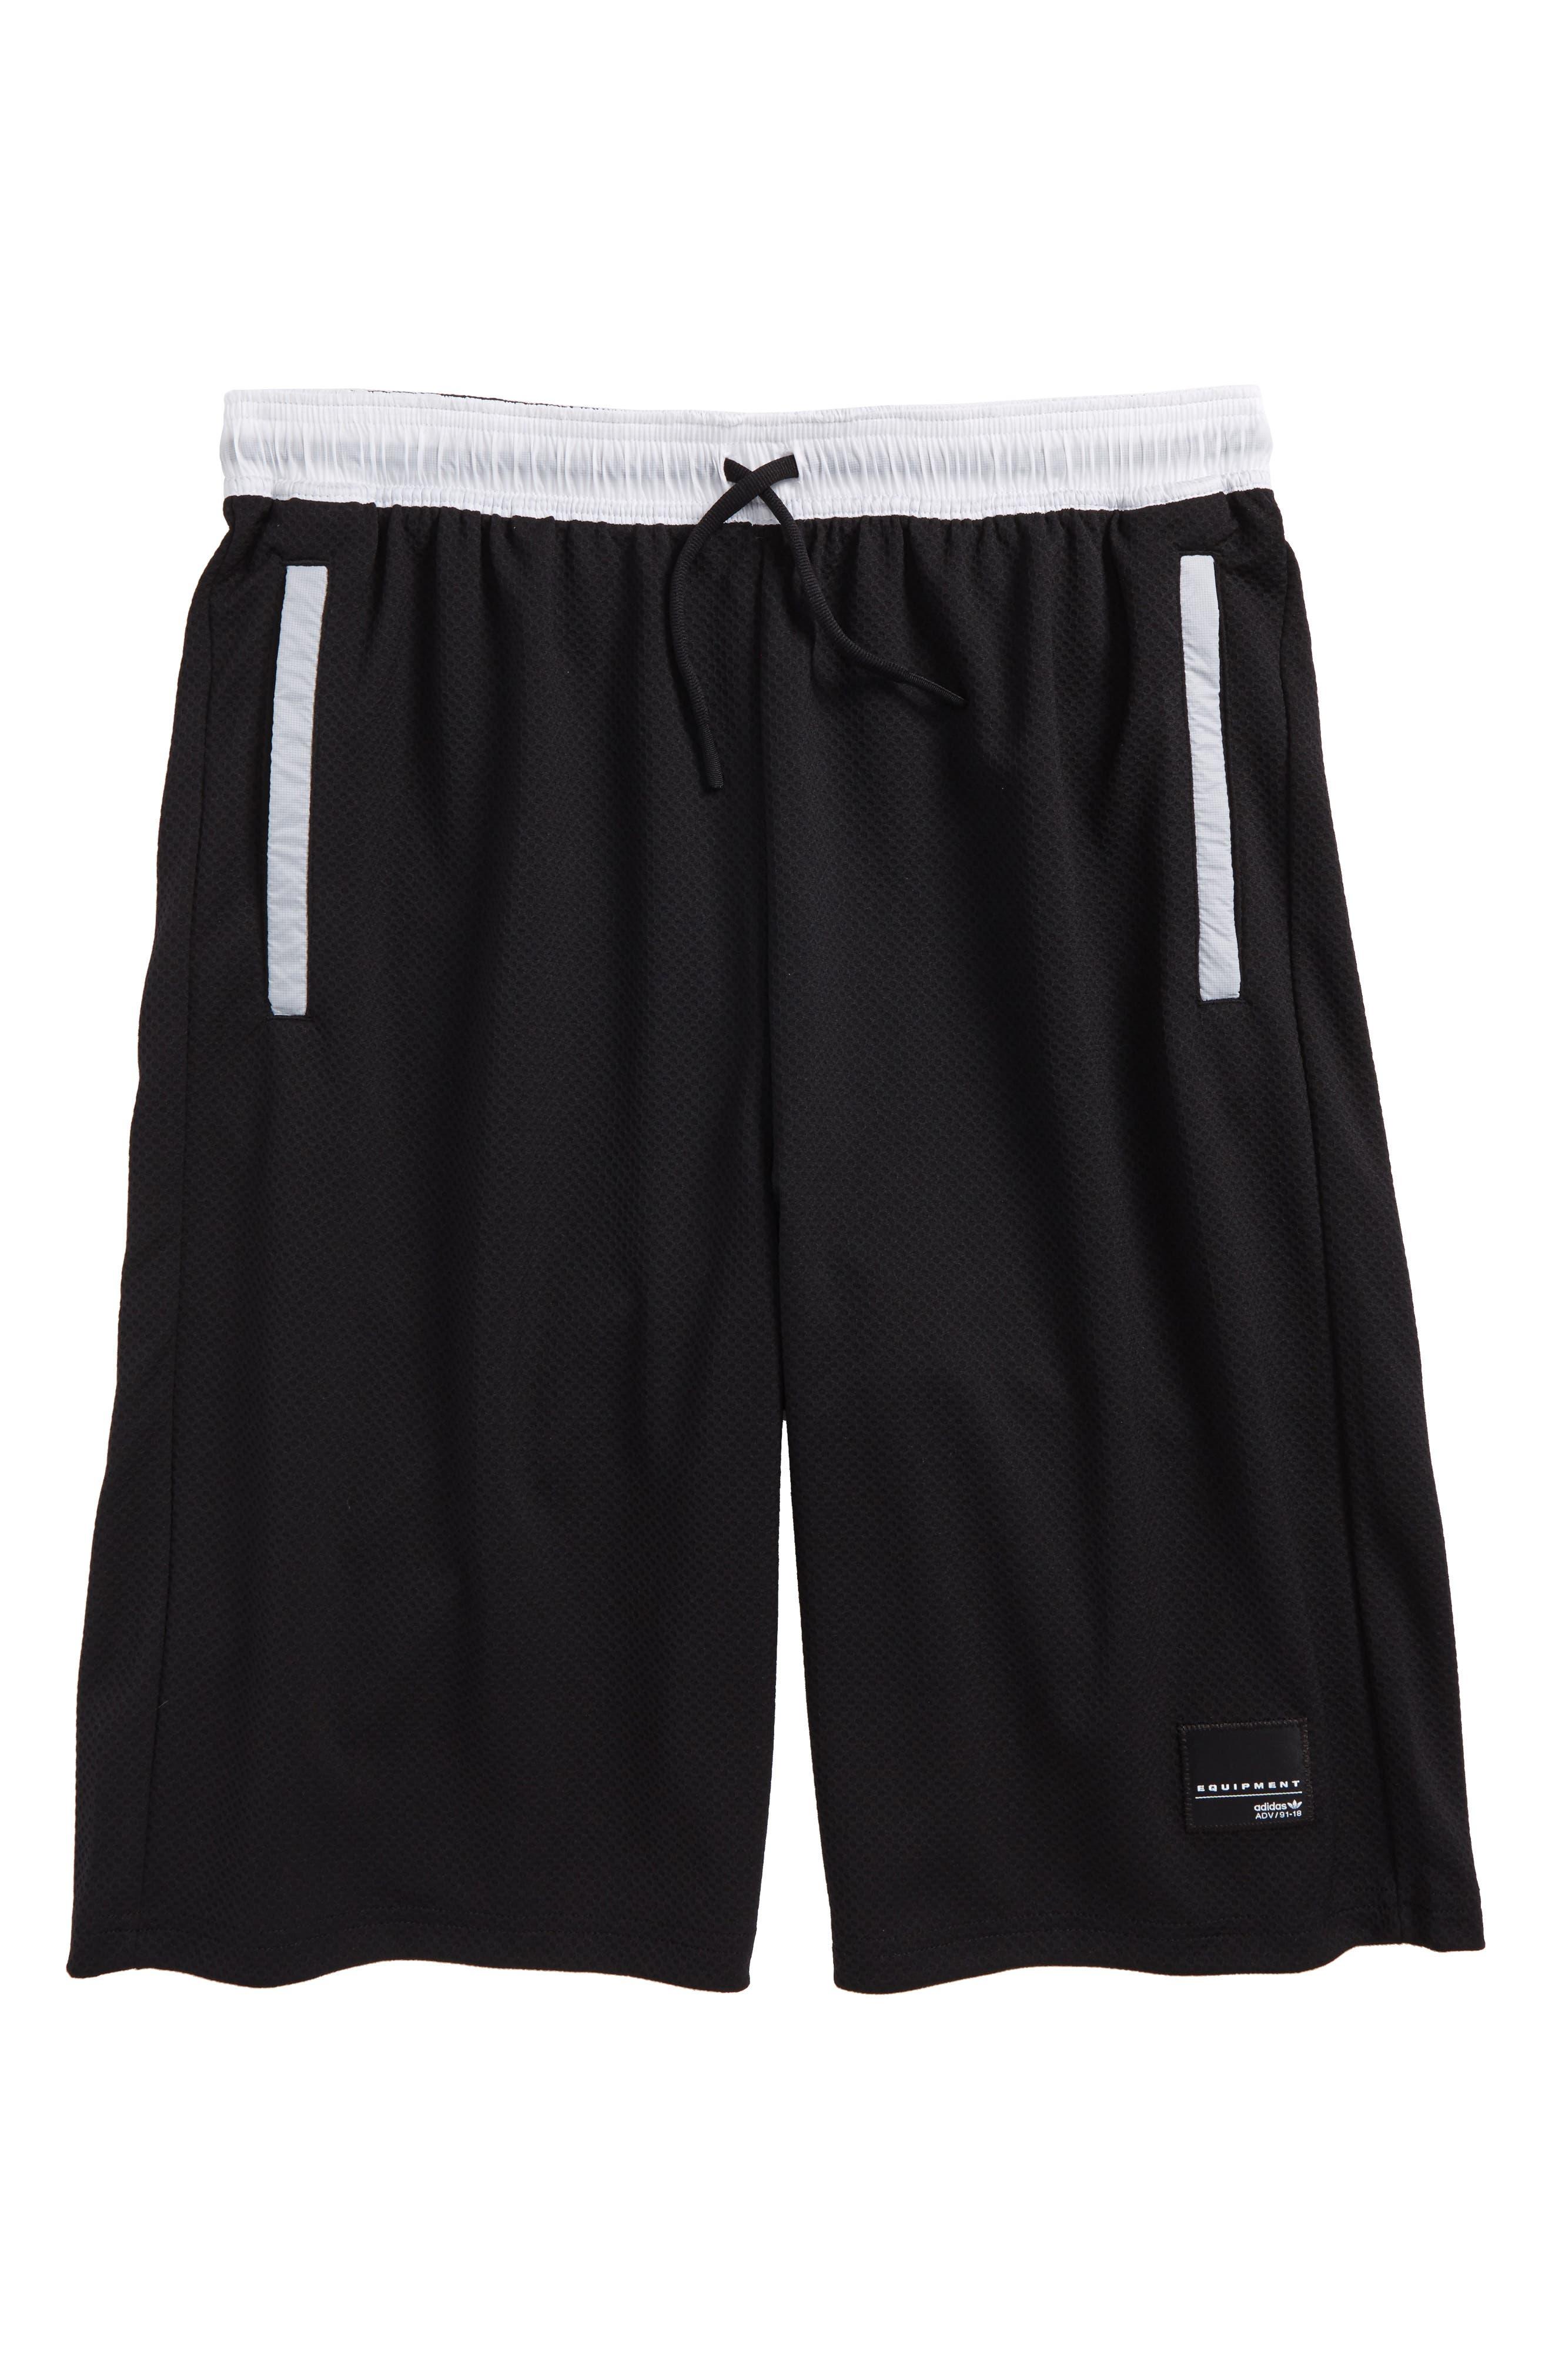 EQT Shorts,                         Main,                         color, 001